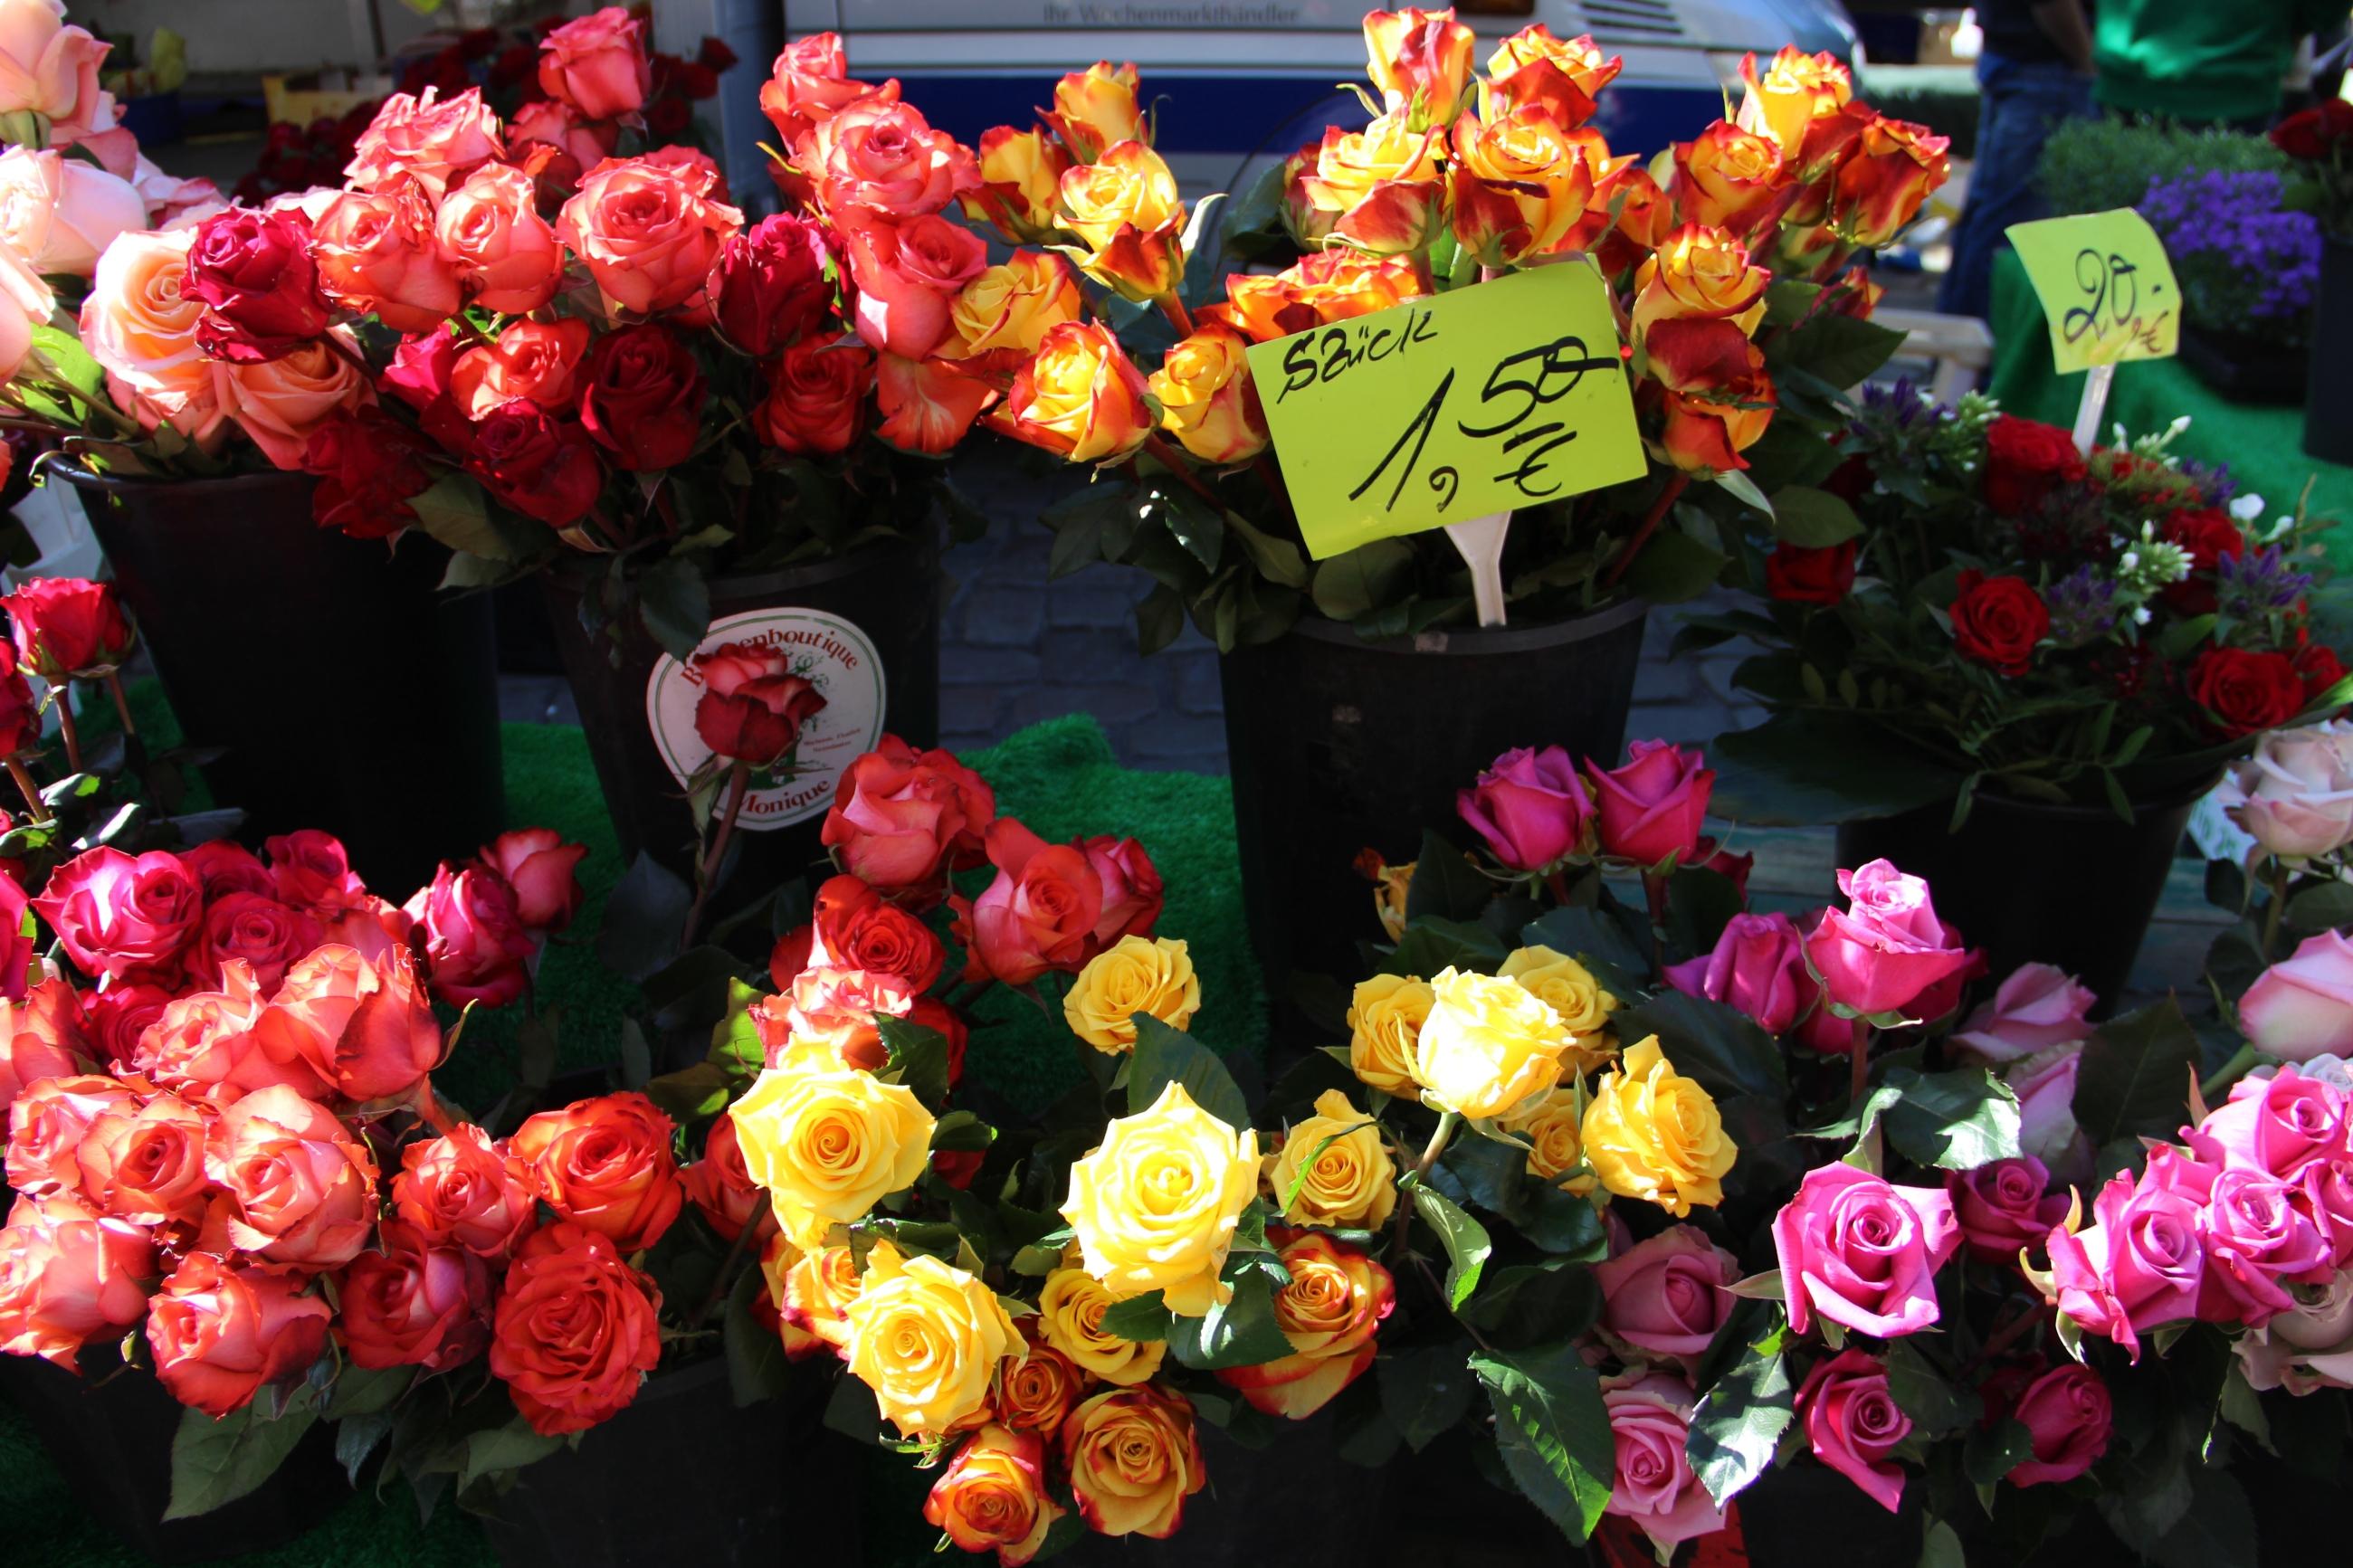 Foto: Blumen vor einem Blumenladen.